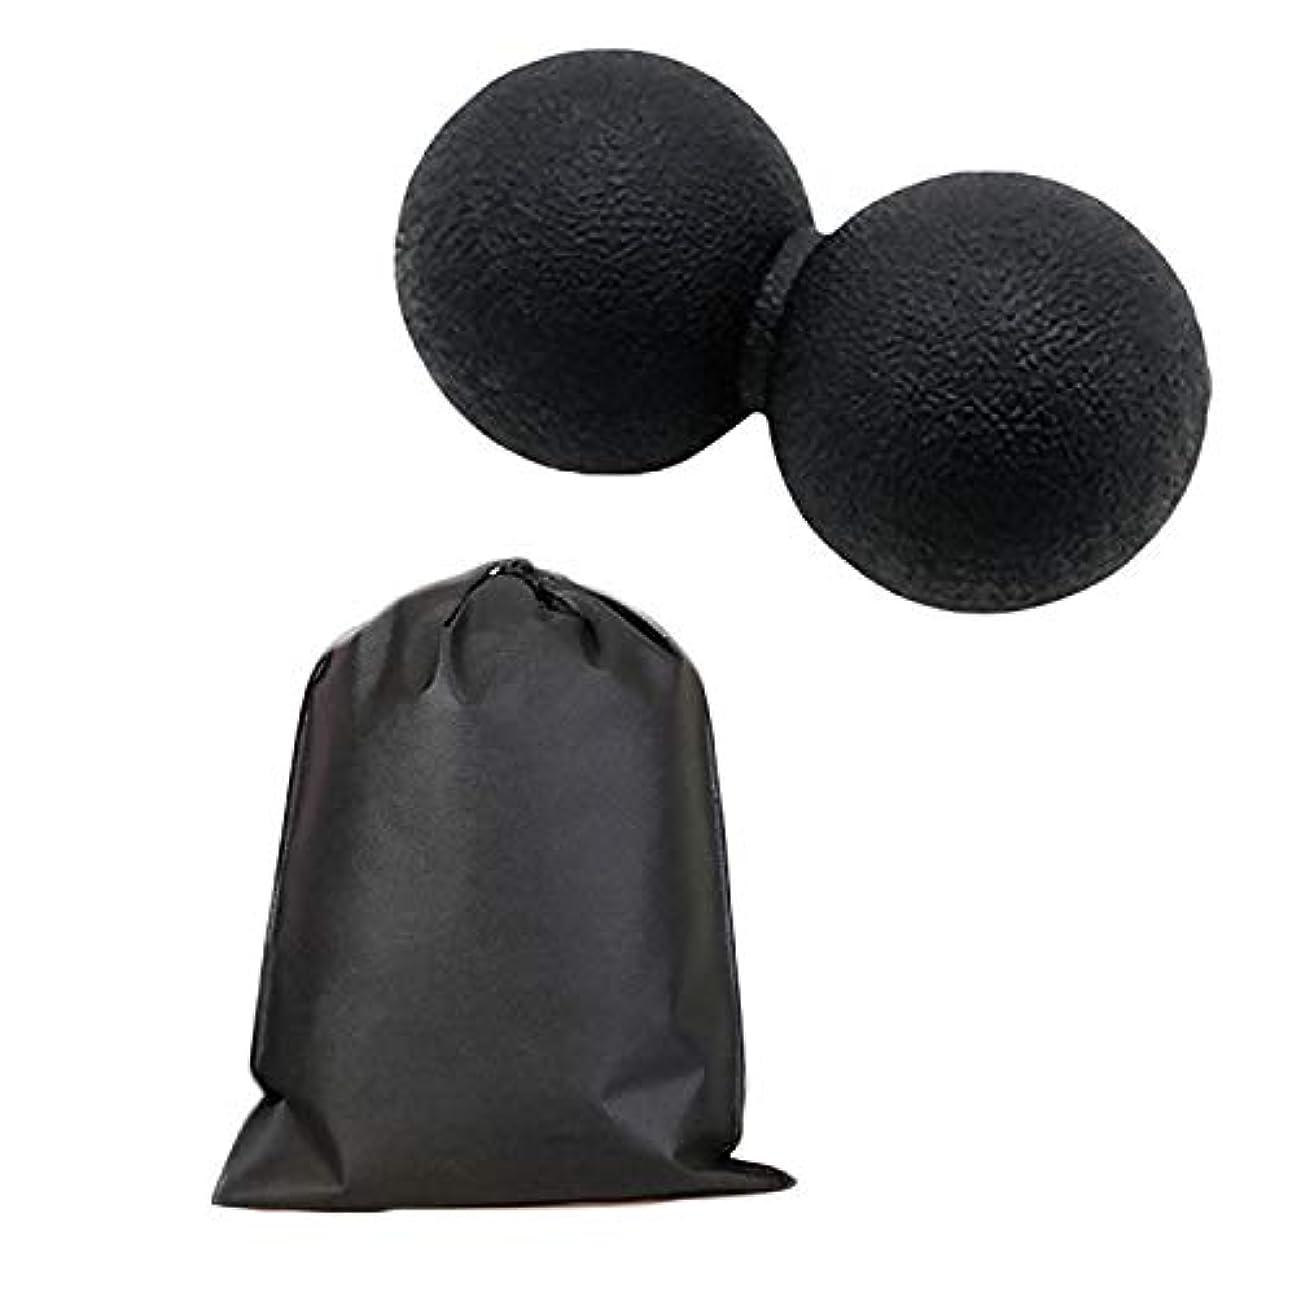 排除するホーン火山学Migavan マッサージボールローラーバックマッサージボール収納袋が付いているピーナツマッサージのローラーボールのマッサージャー